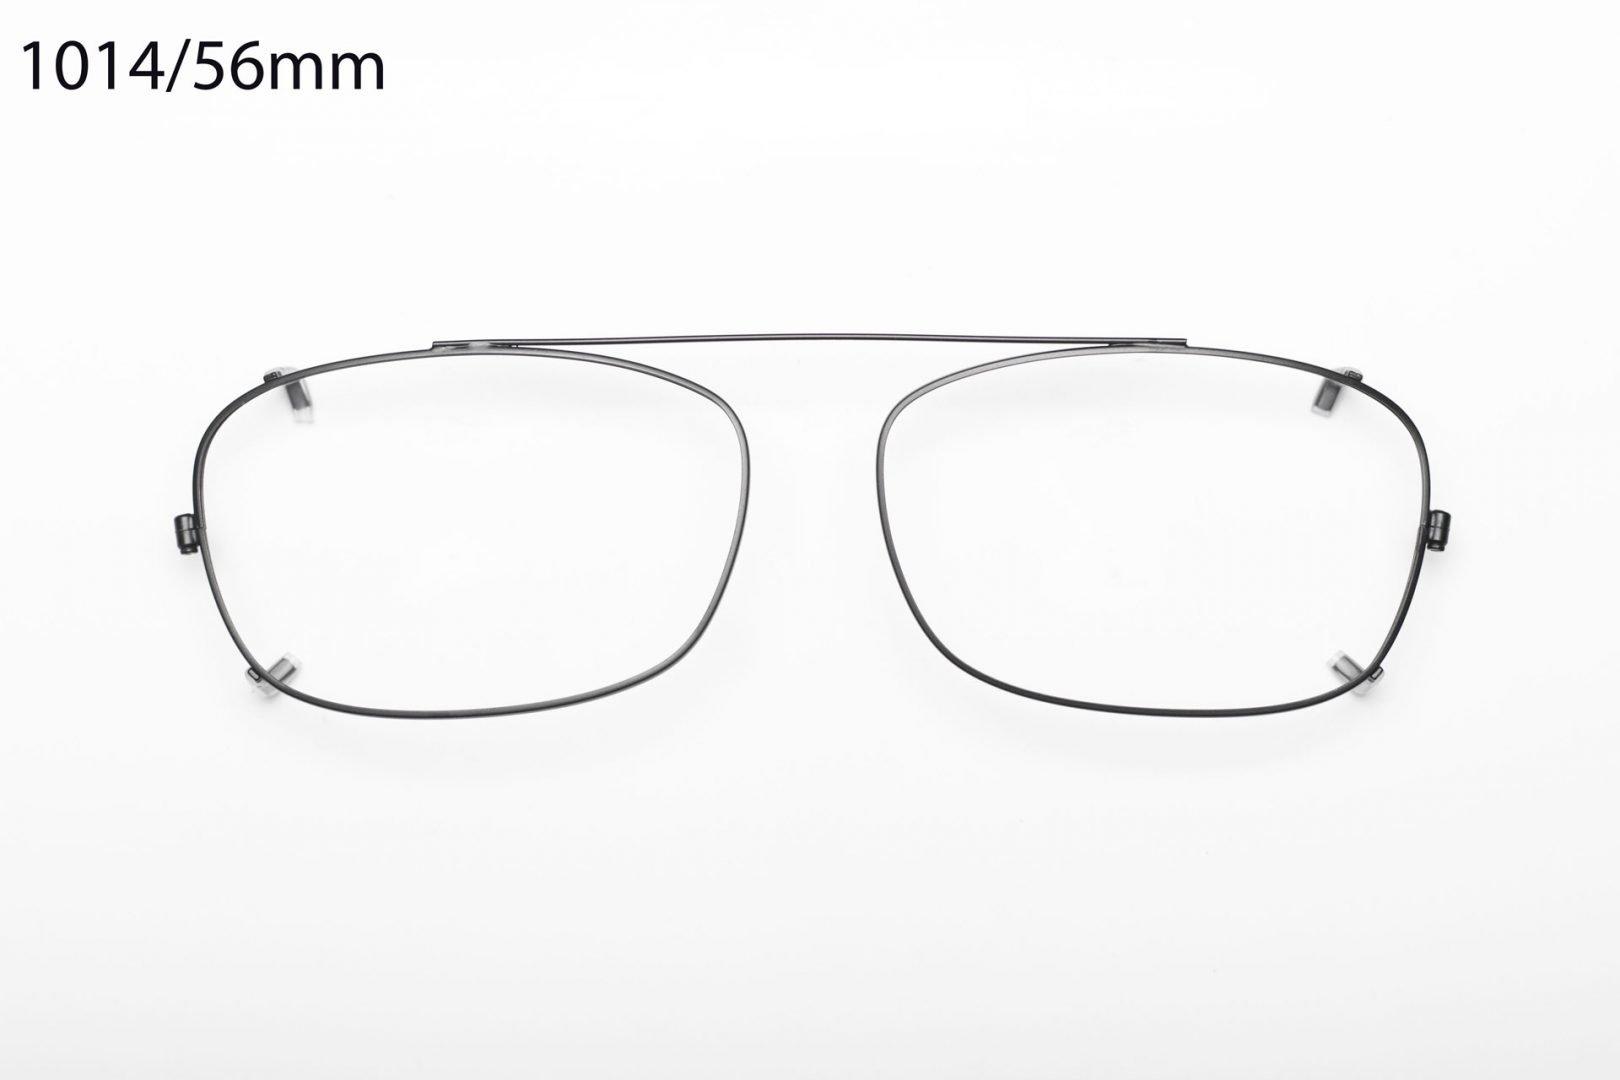 Modèle A71-101456mm